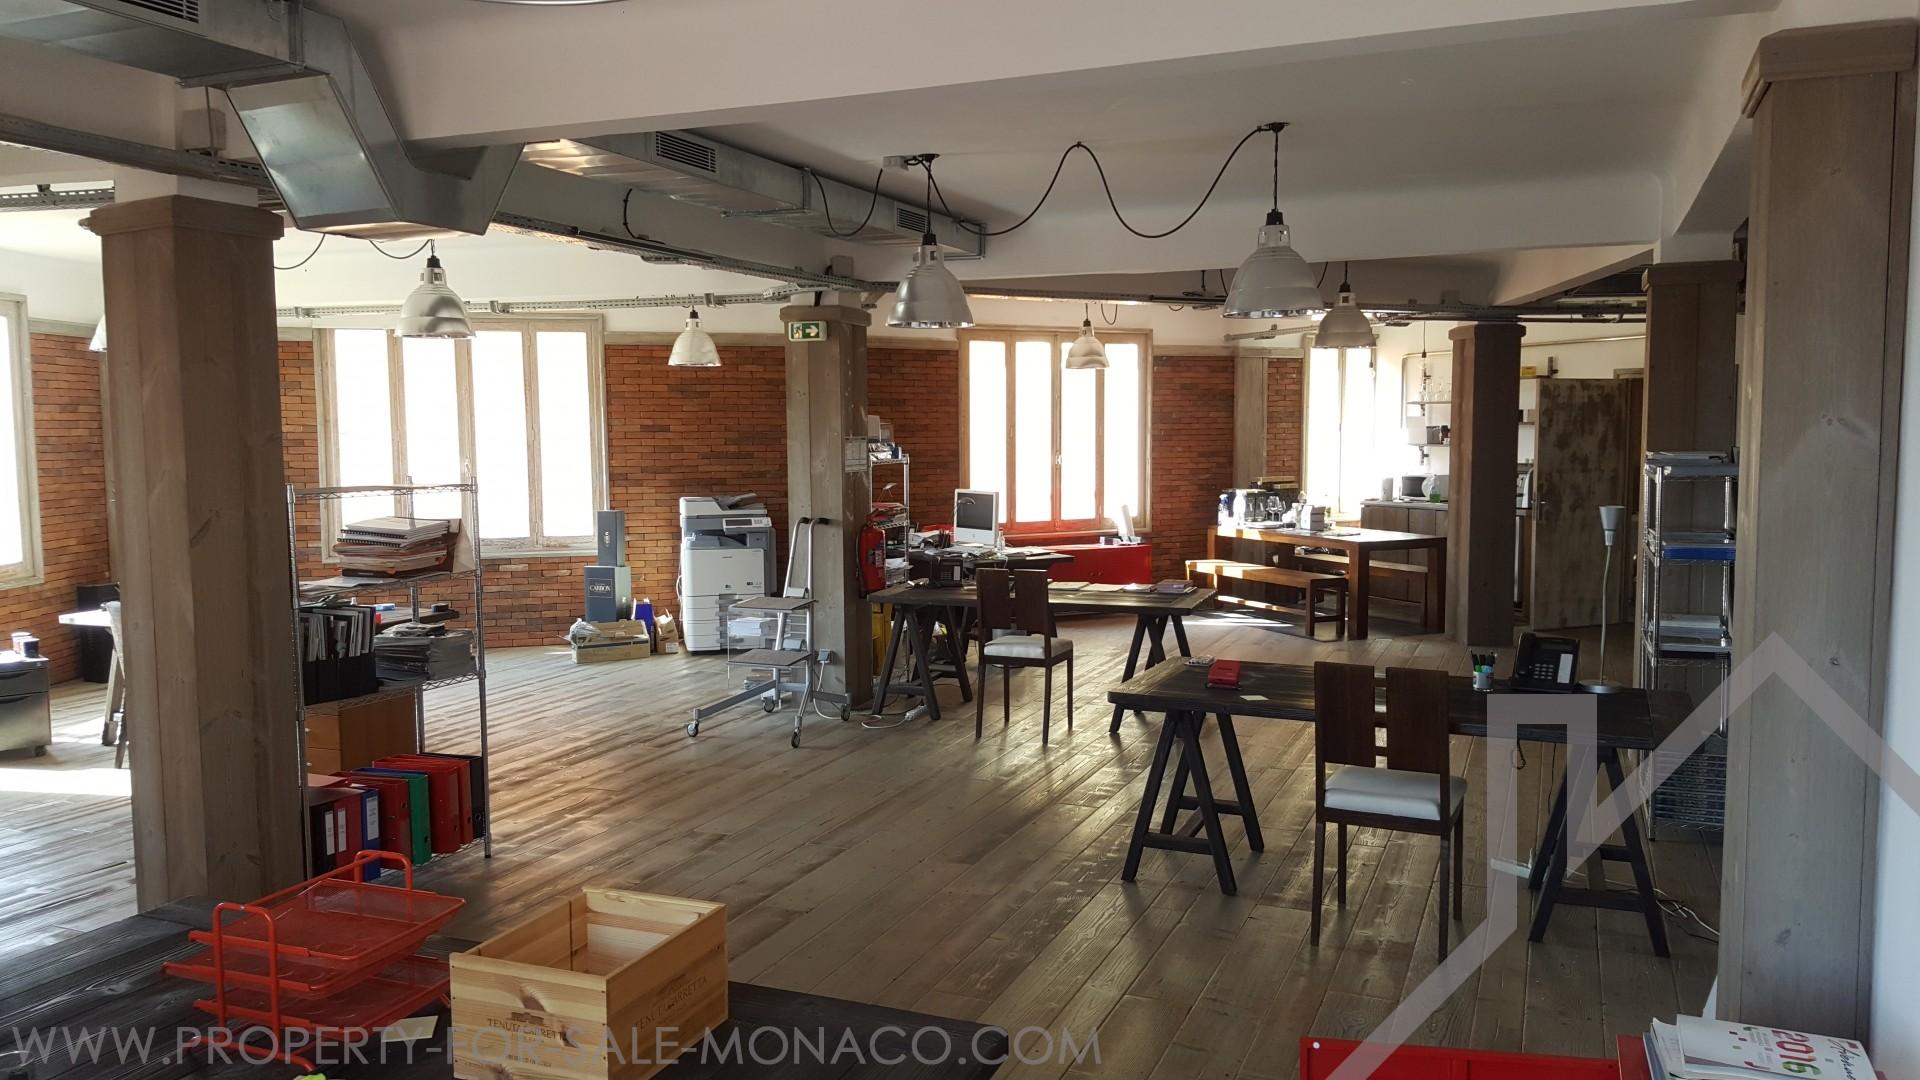 Office loft jardin exotique properties for sale in monaco